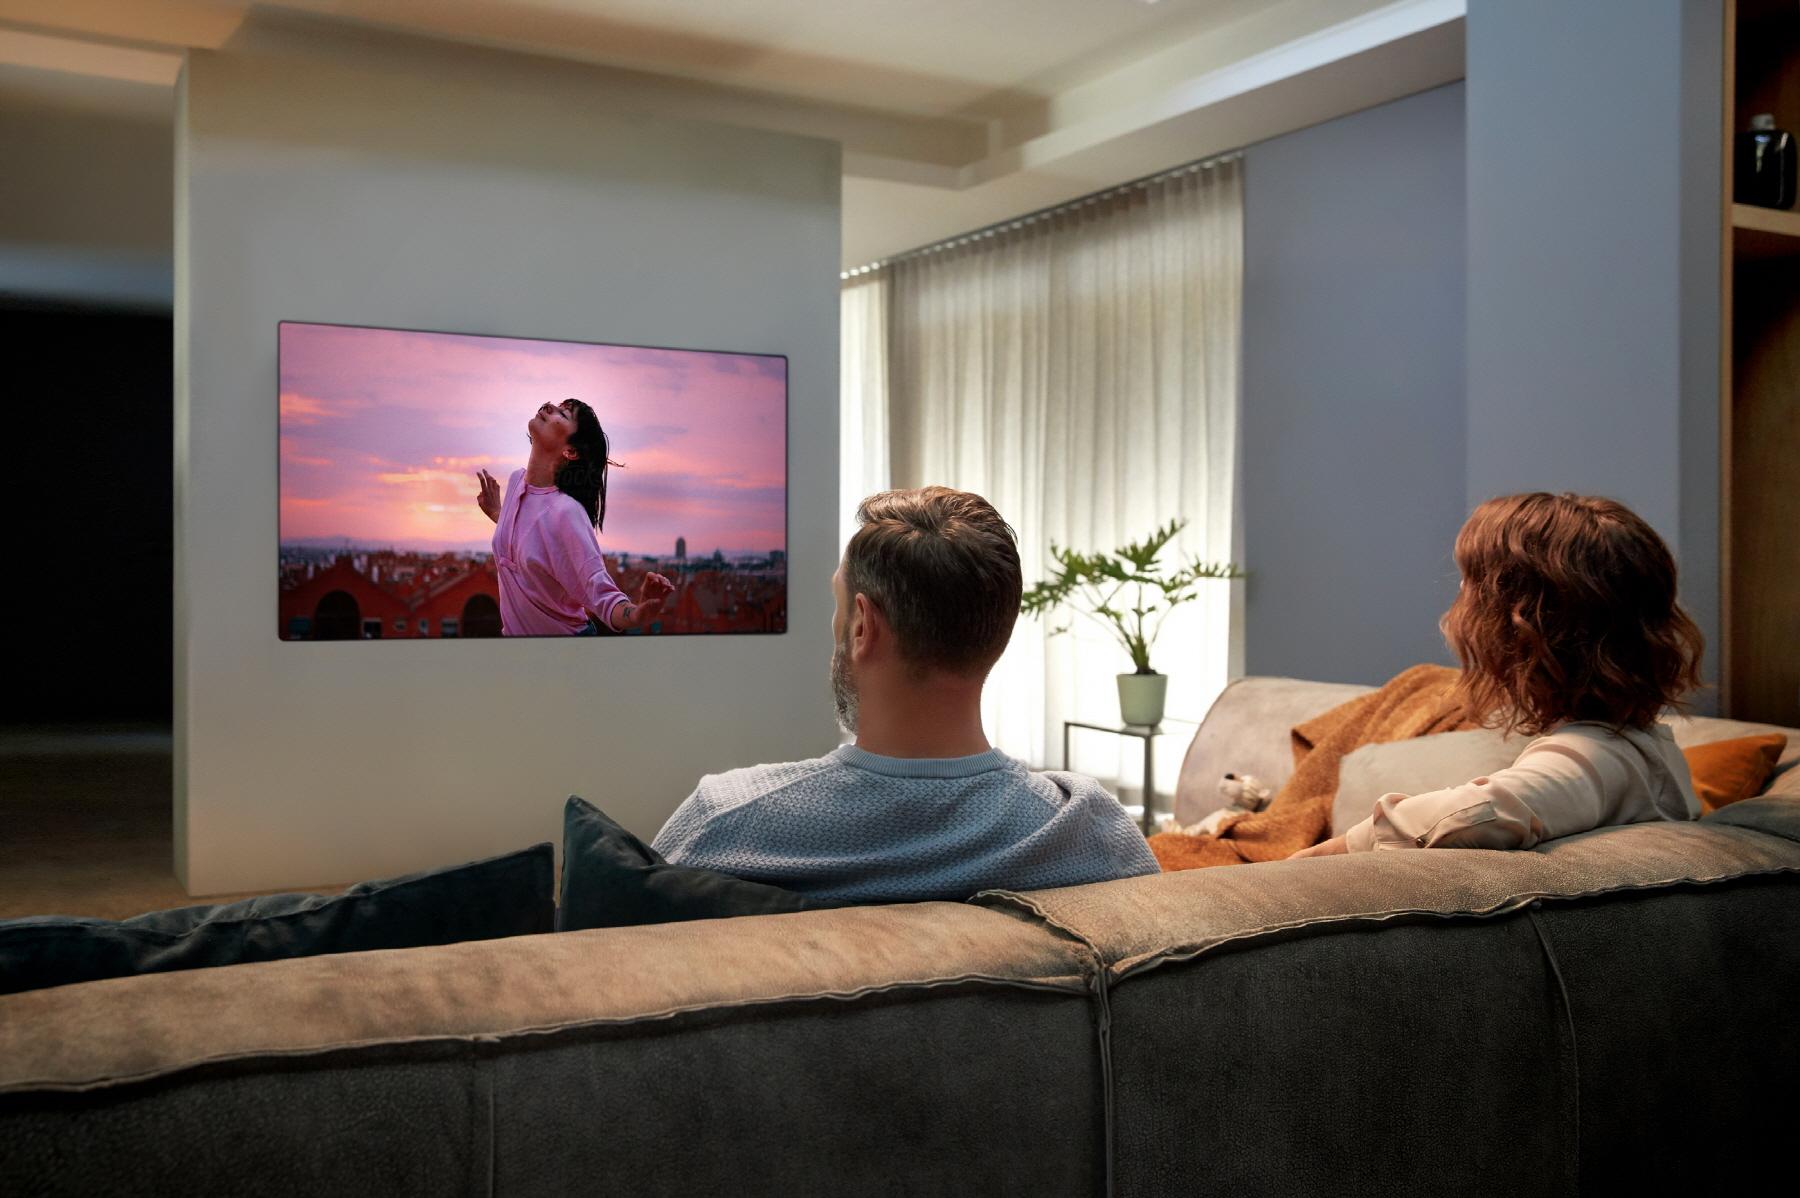 Passione per iltelevisore: durante la quarantena elemento imprescindibile